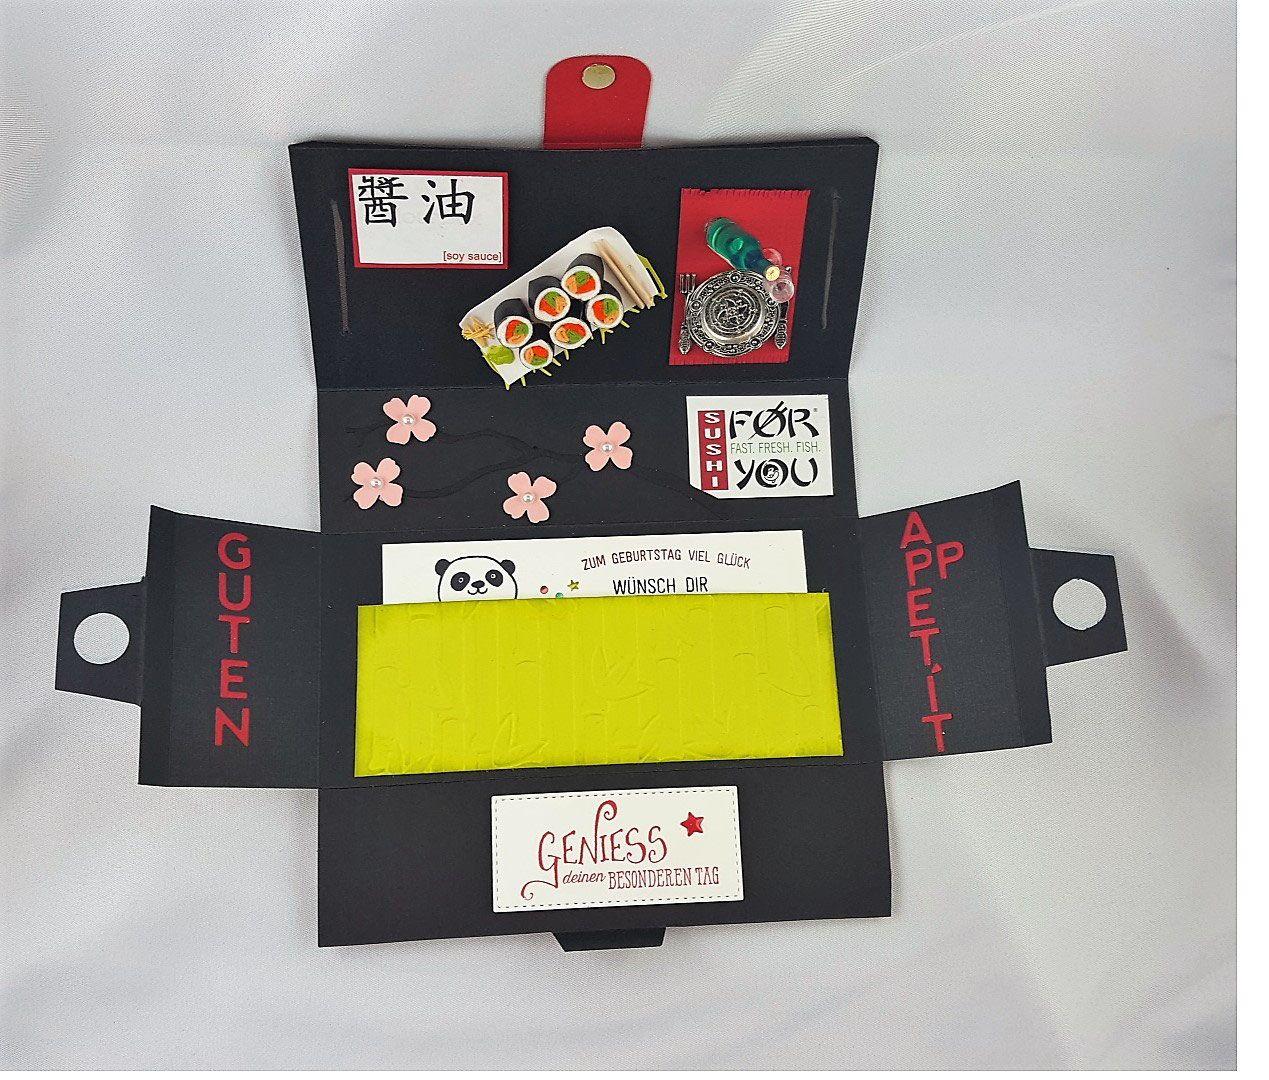 Geschenkbox Einladung Zum Sushi Essen Gutscheine Verschenken Gutschein Basteln Essen Gutscheinhalter